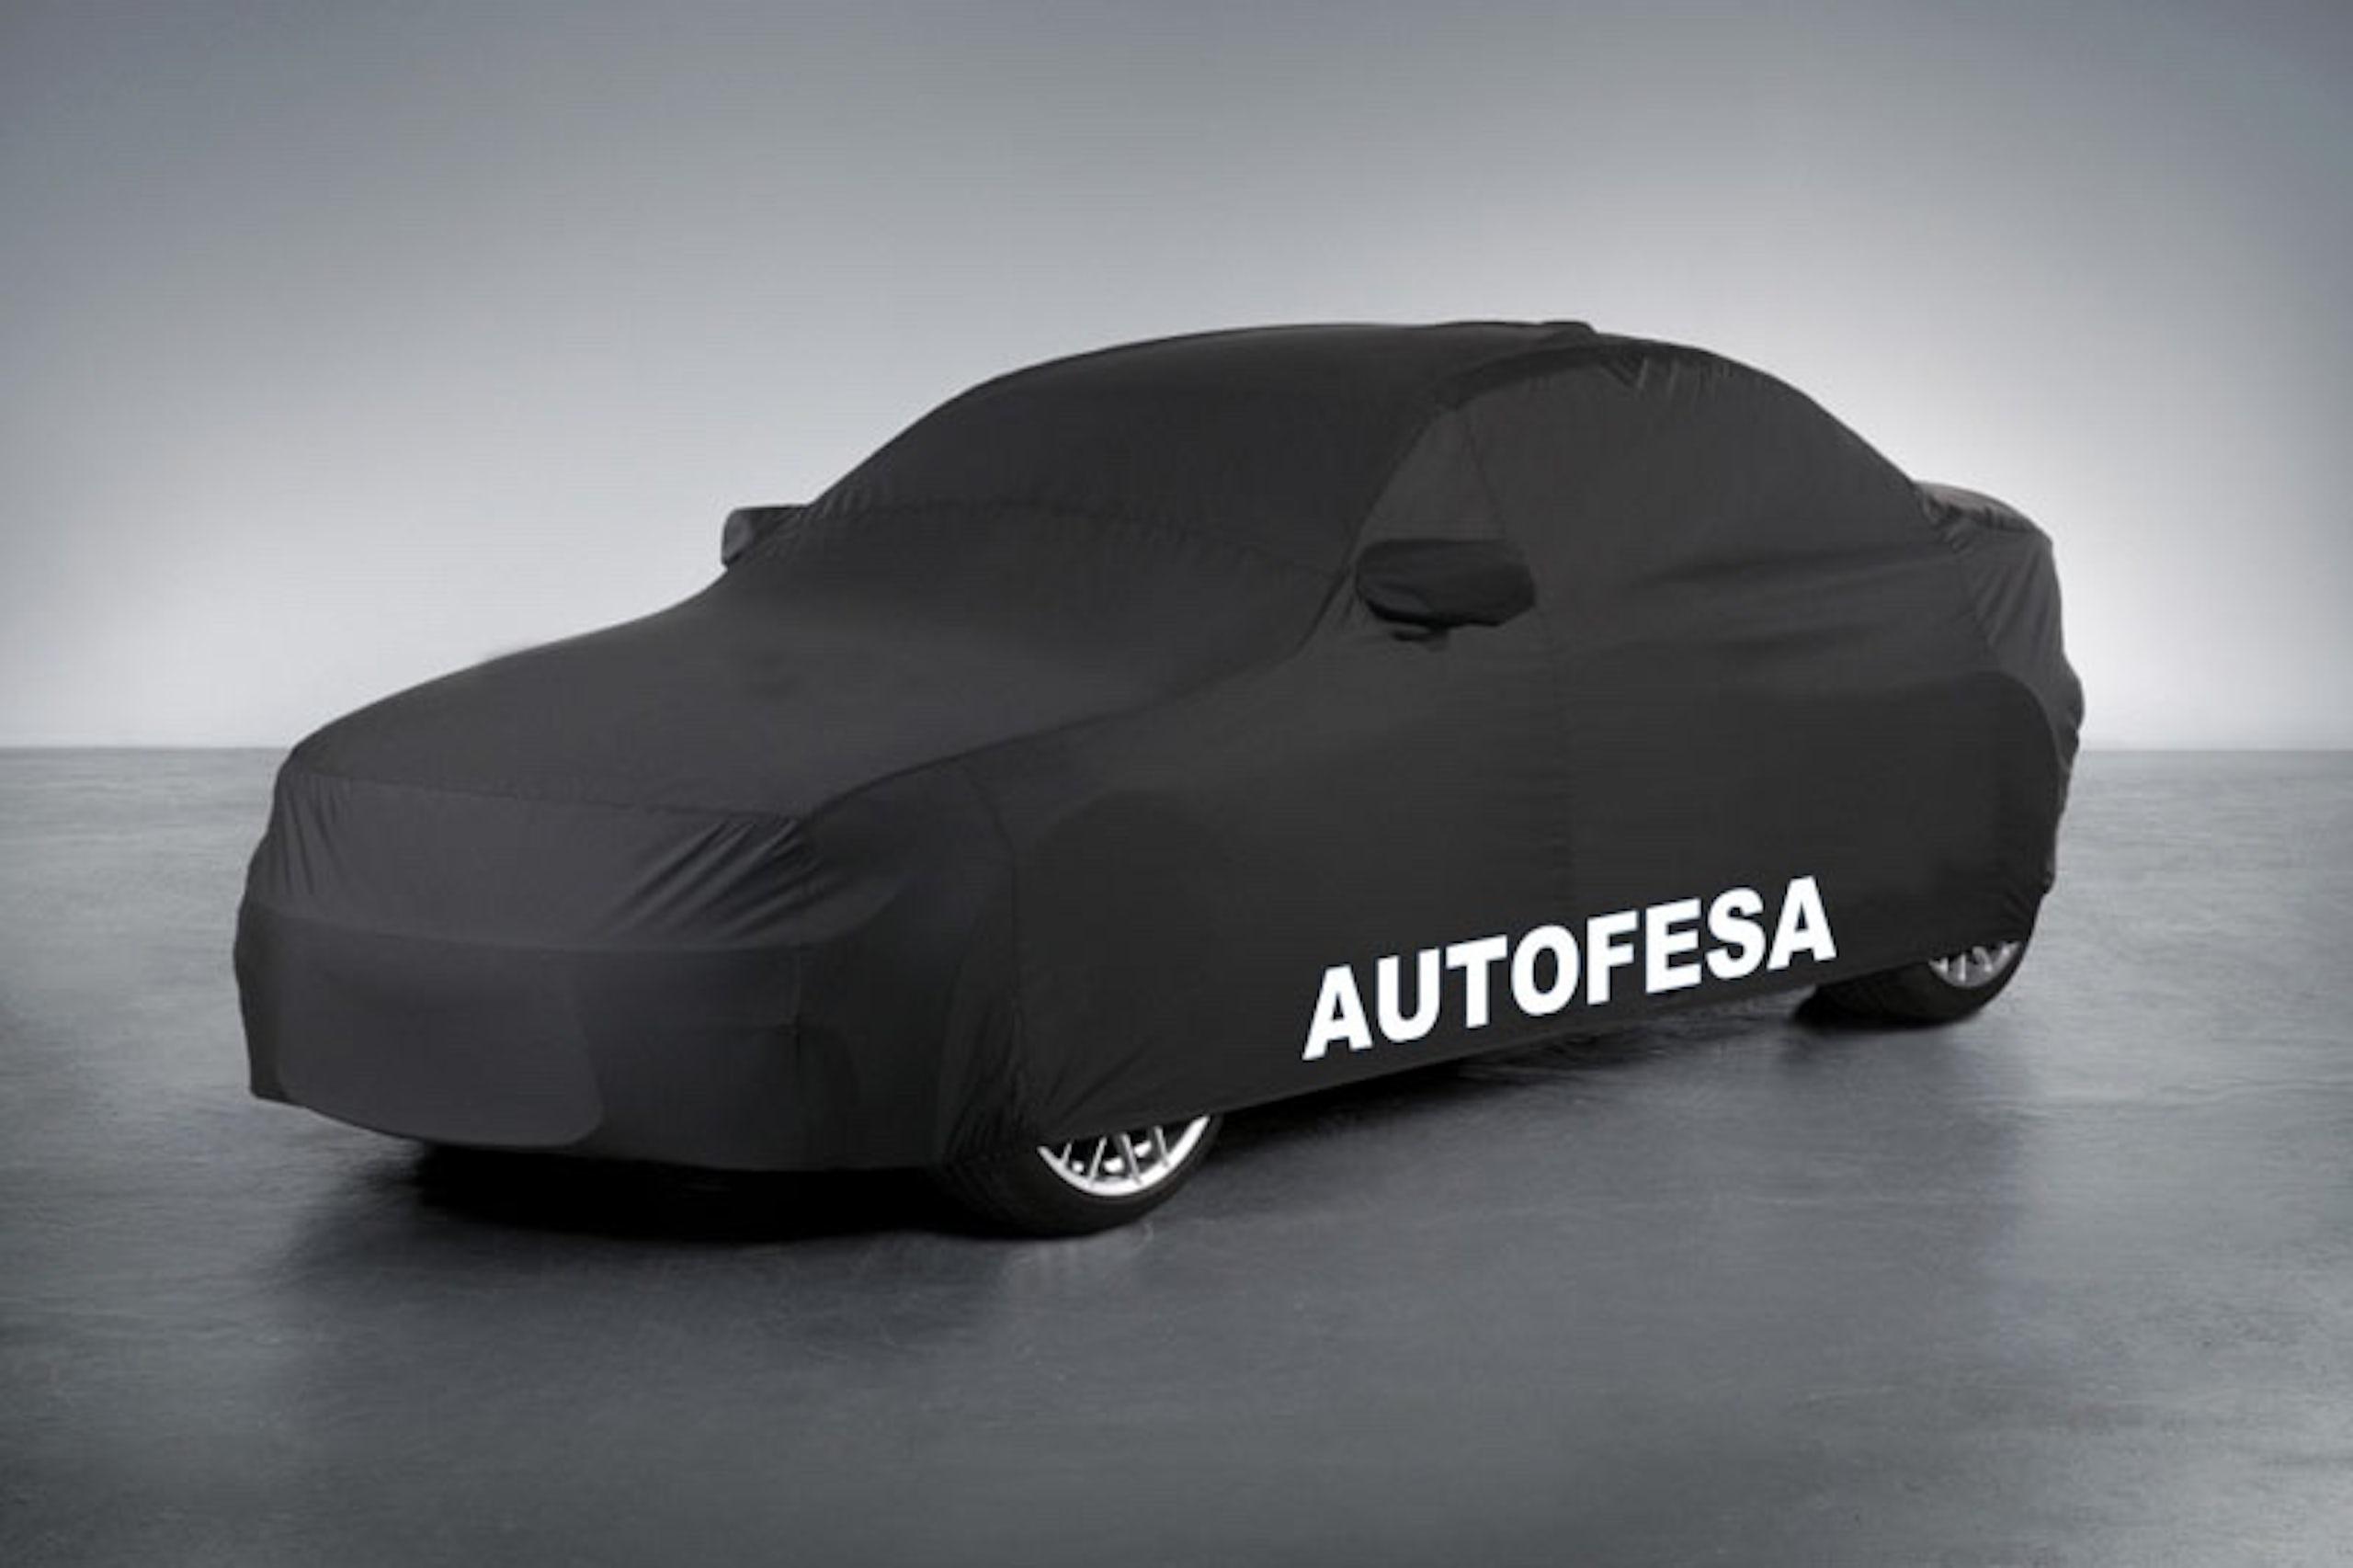 Mercedes-benz GLA 250 2.0 DCT 211cv AMG 4MATIC 7G Auto - Foto 34